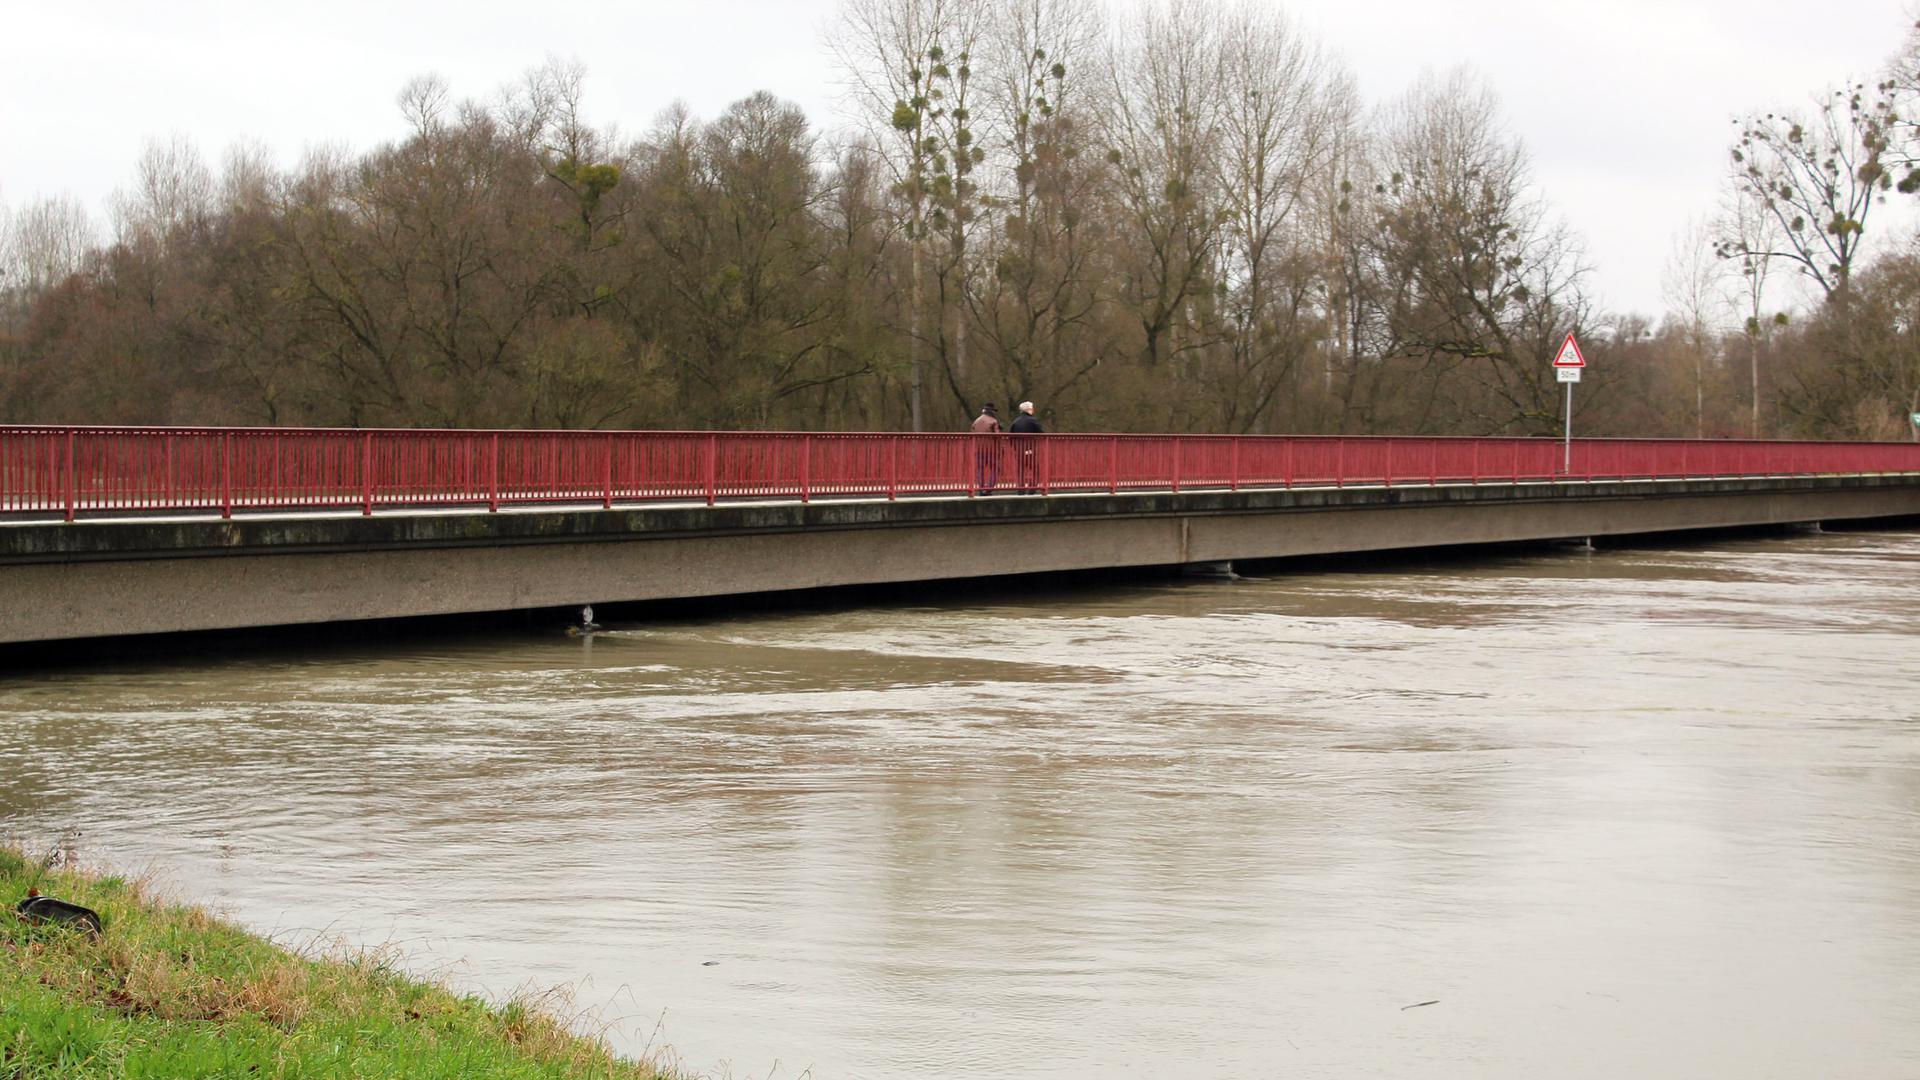 Für Autos gesperrt: An der Plittersdorfer Ankerbrücke wurde als technische Barriere vorsorglich ein Dammbalkensystem  eingesetzt, um ein Abfließen des Hochwassers in den Ort zu verhindern.